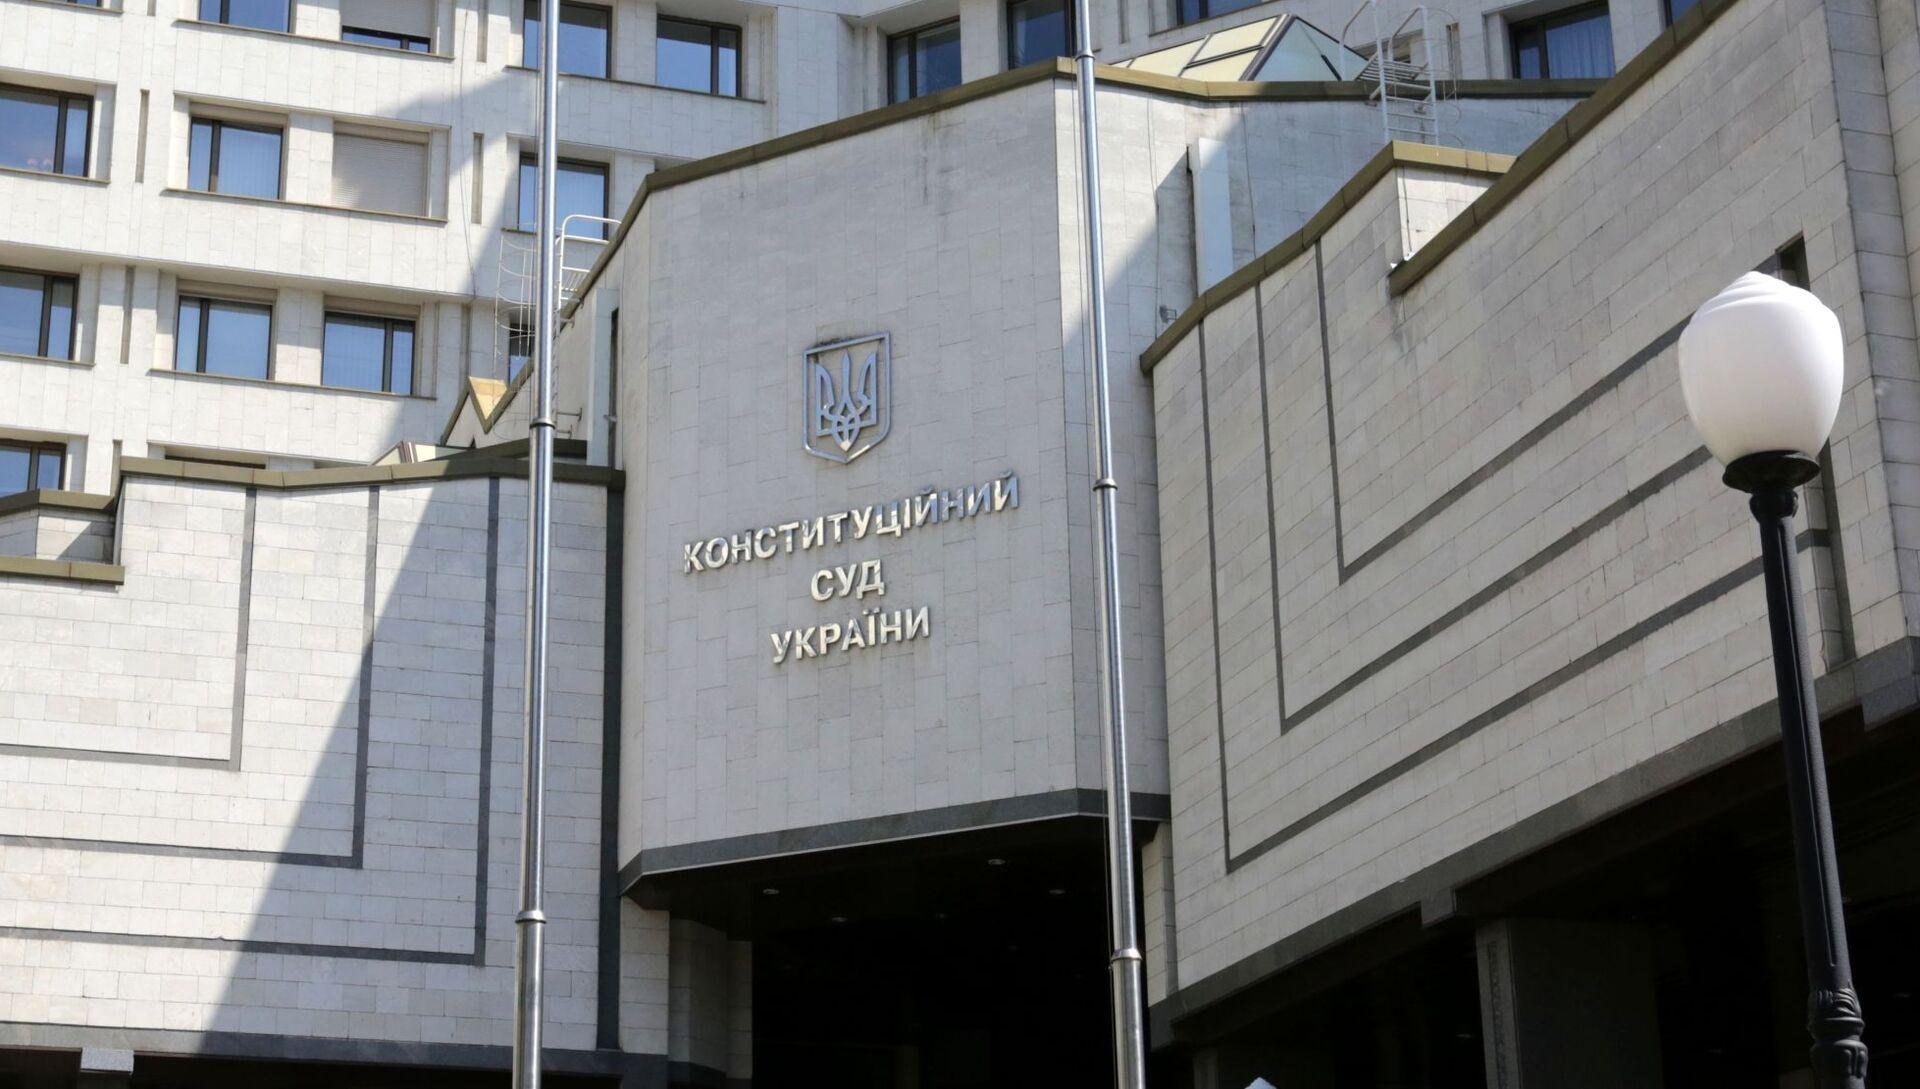 Заседание Конституционного суда в Киеве - РИА Новости, 1920, 30.10.2020